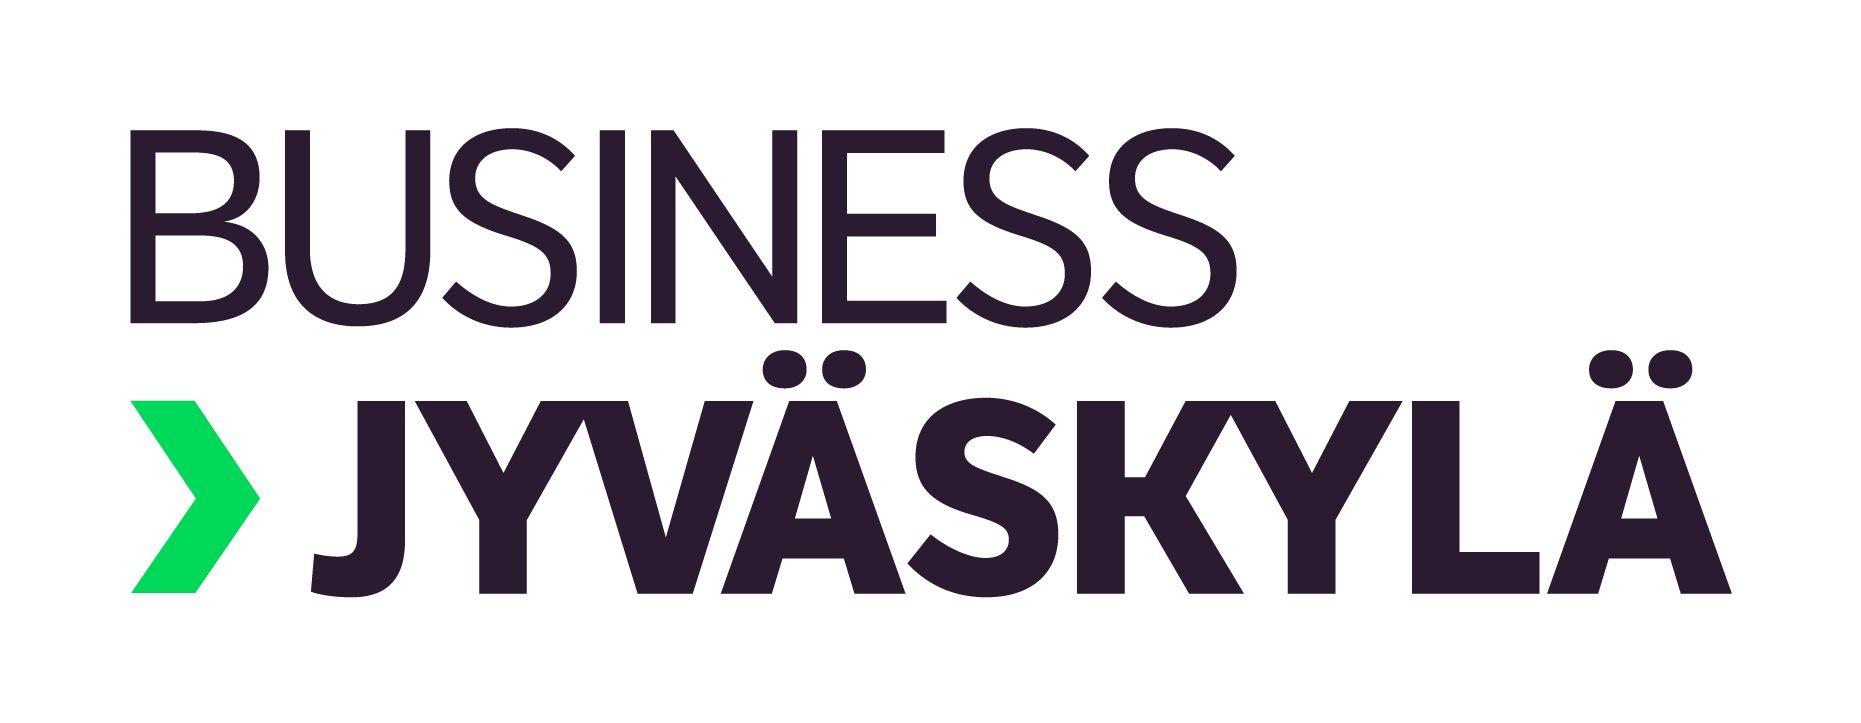 Verkostona globaaleille markkinoille – HX-hanke etenee Keski-Suomessa